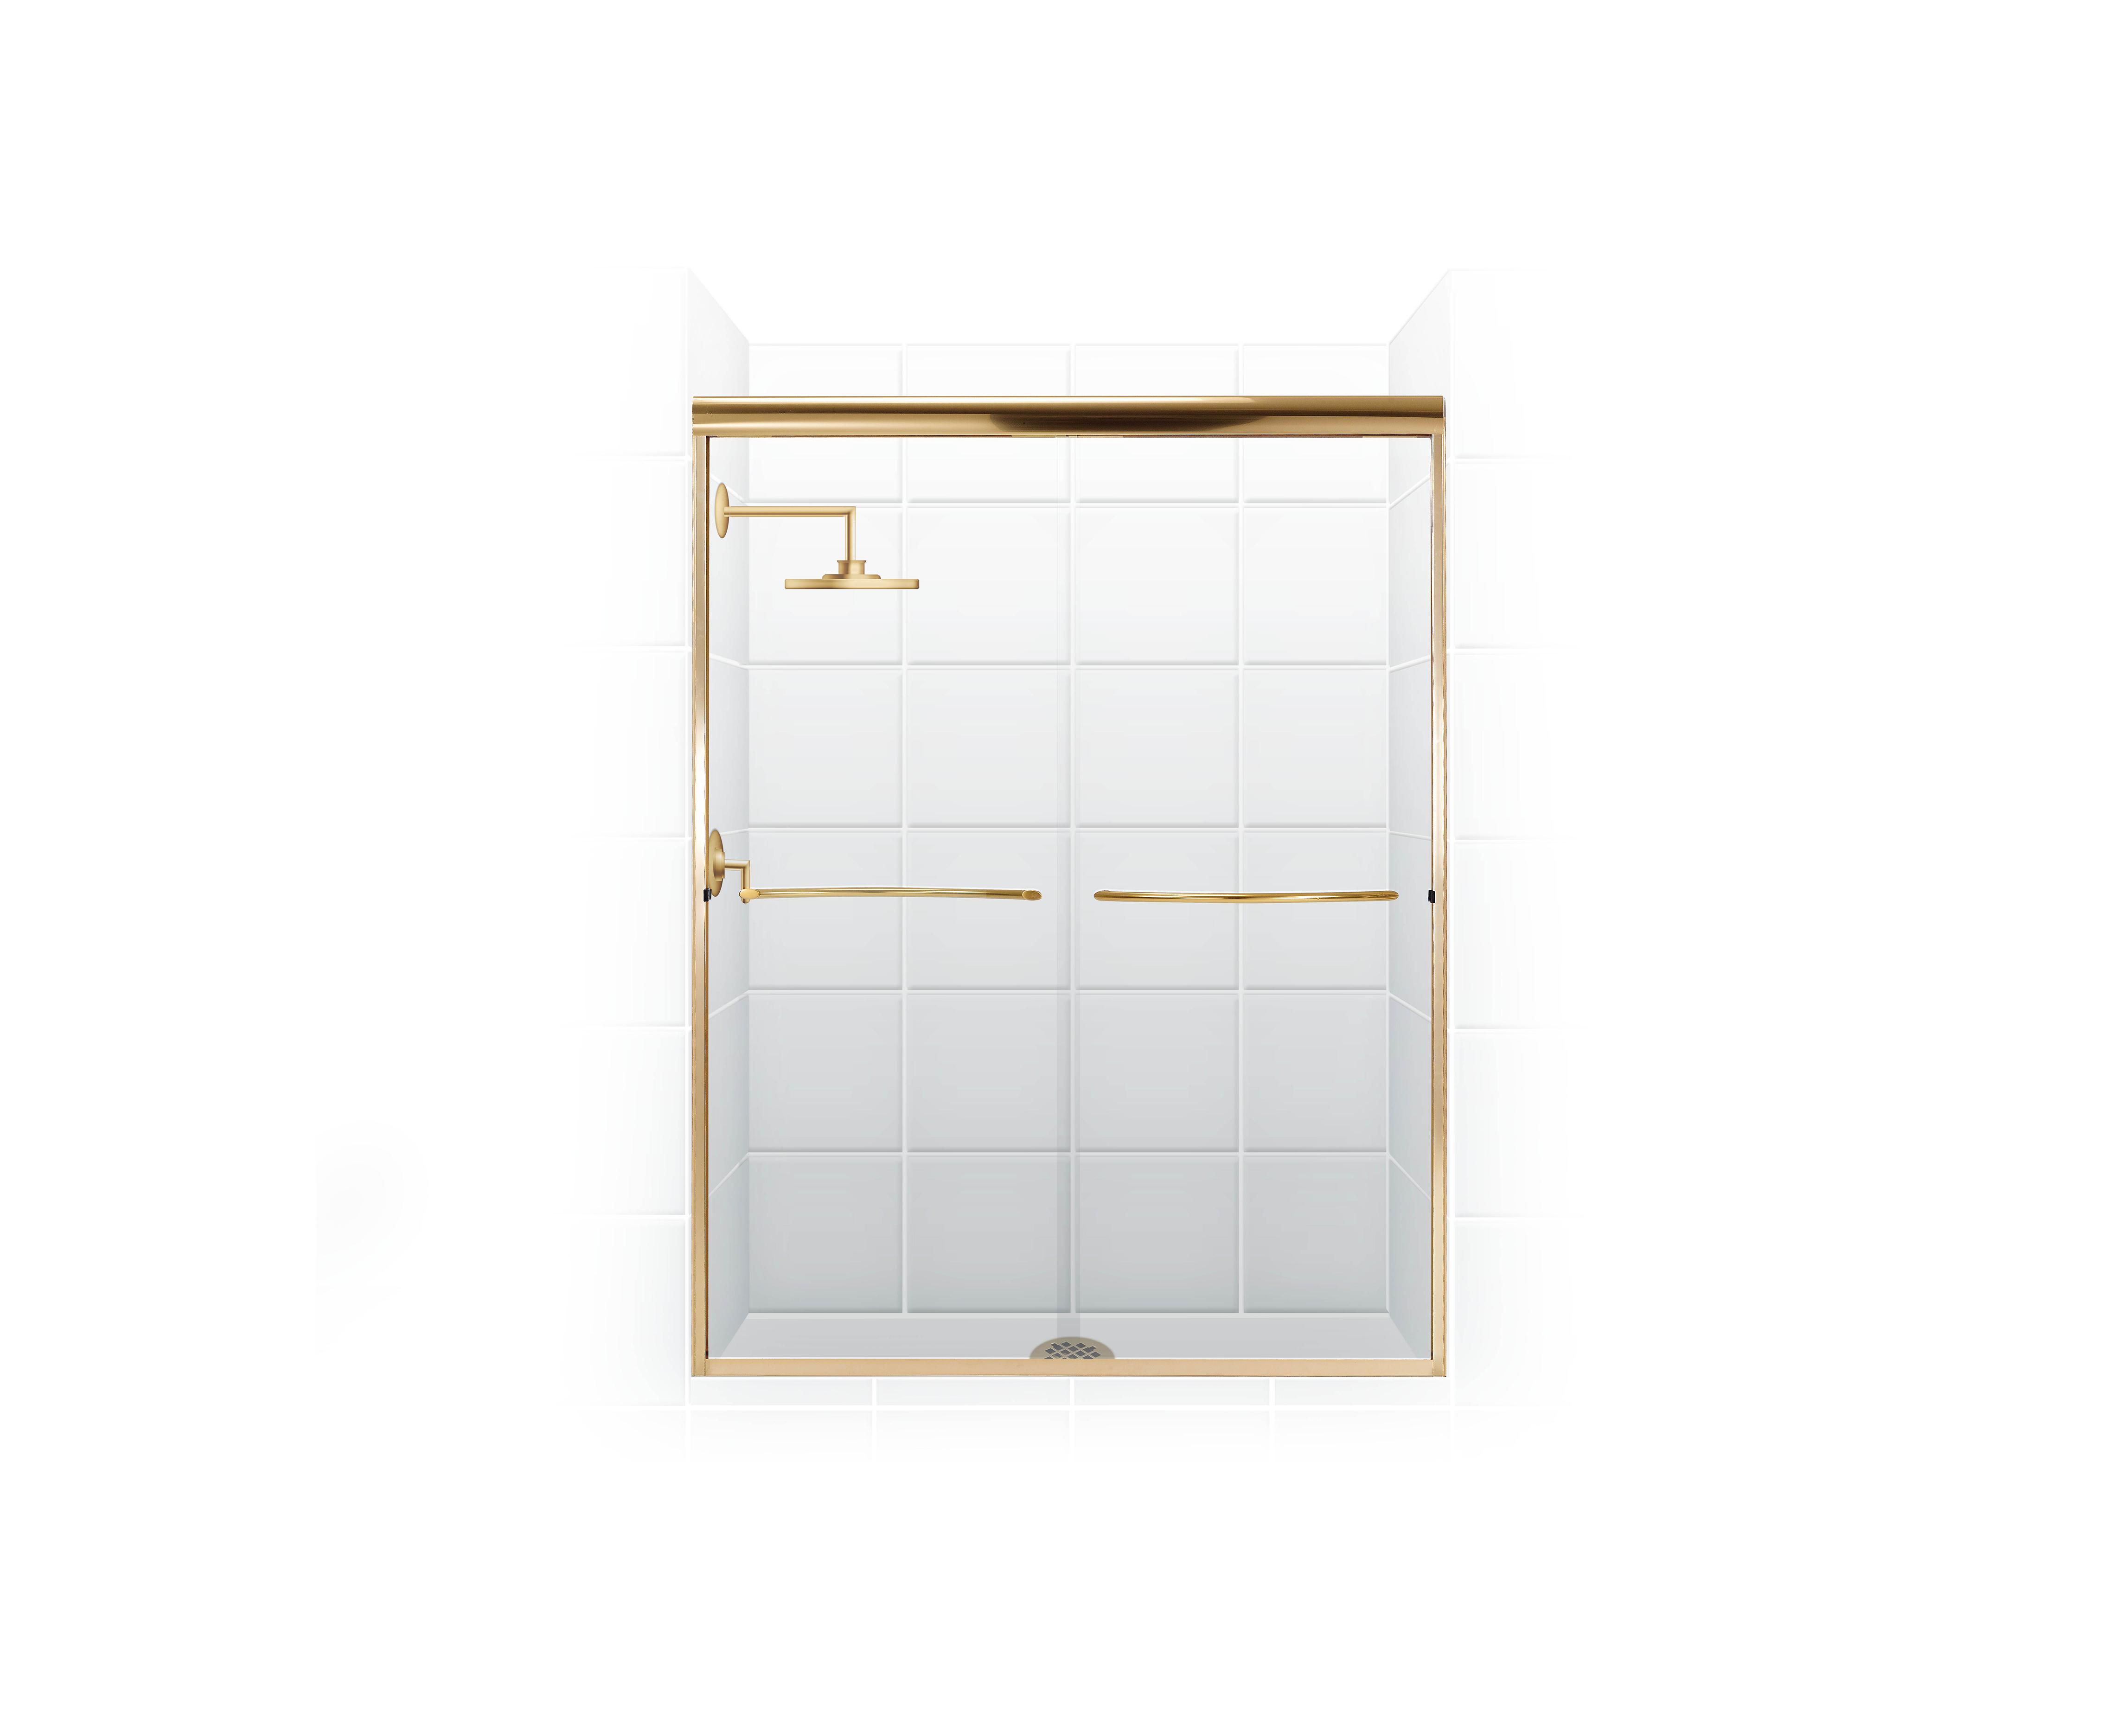 coastal industries paragon frameless bypass shower door